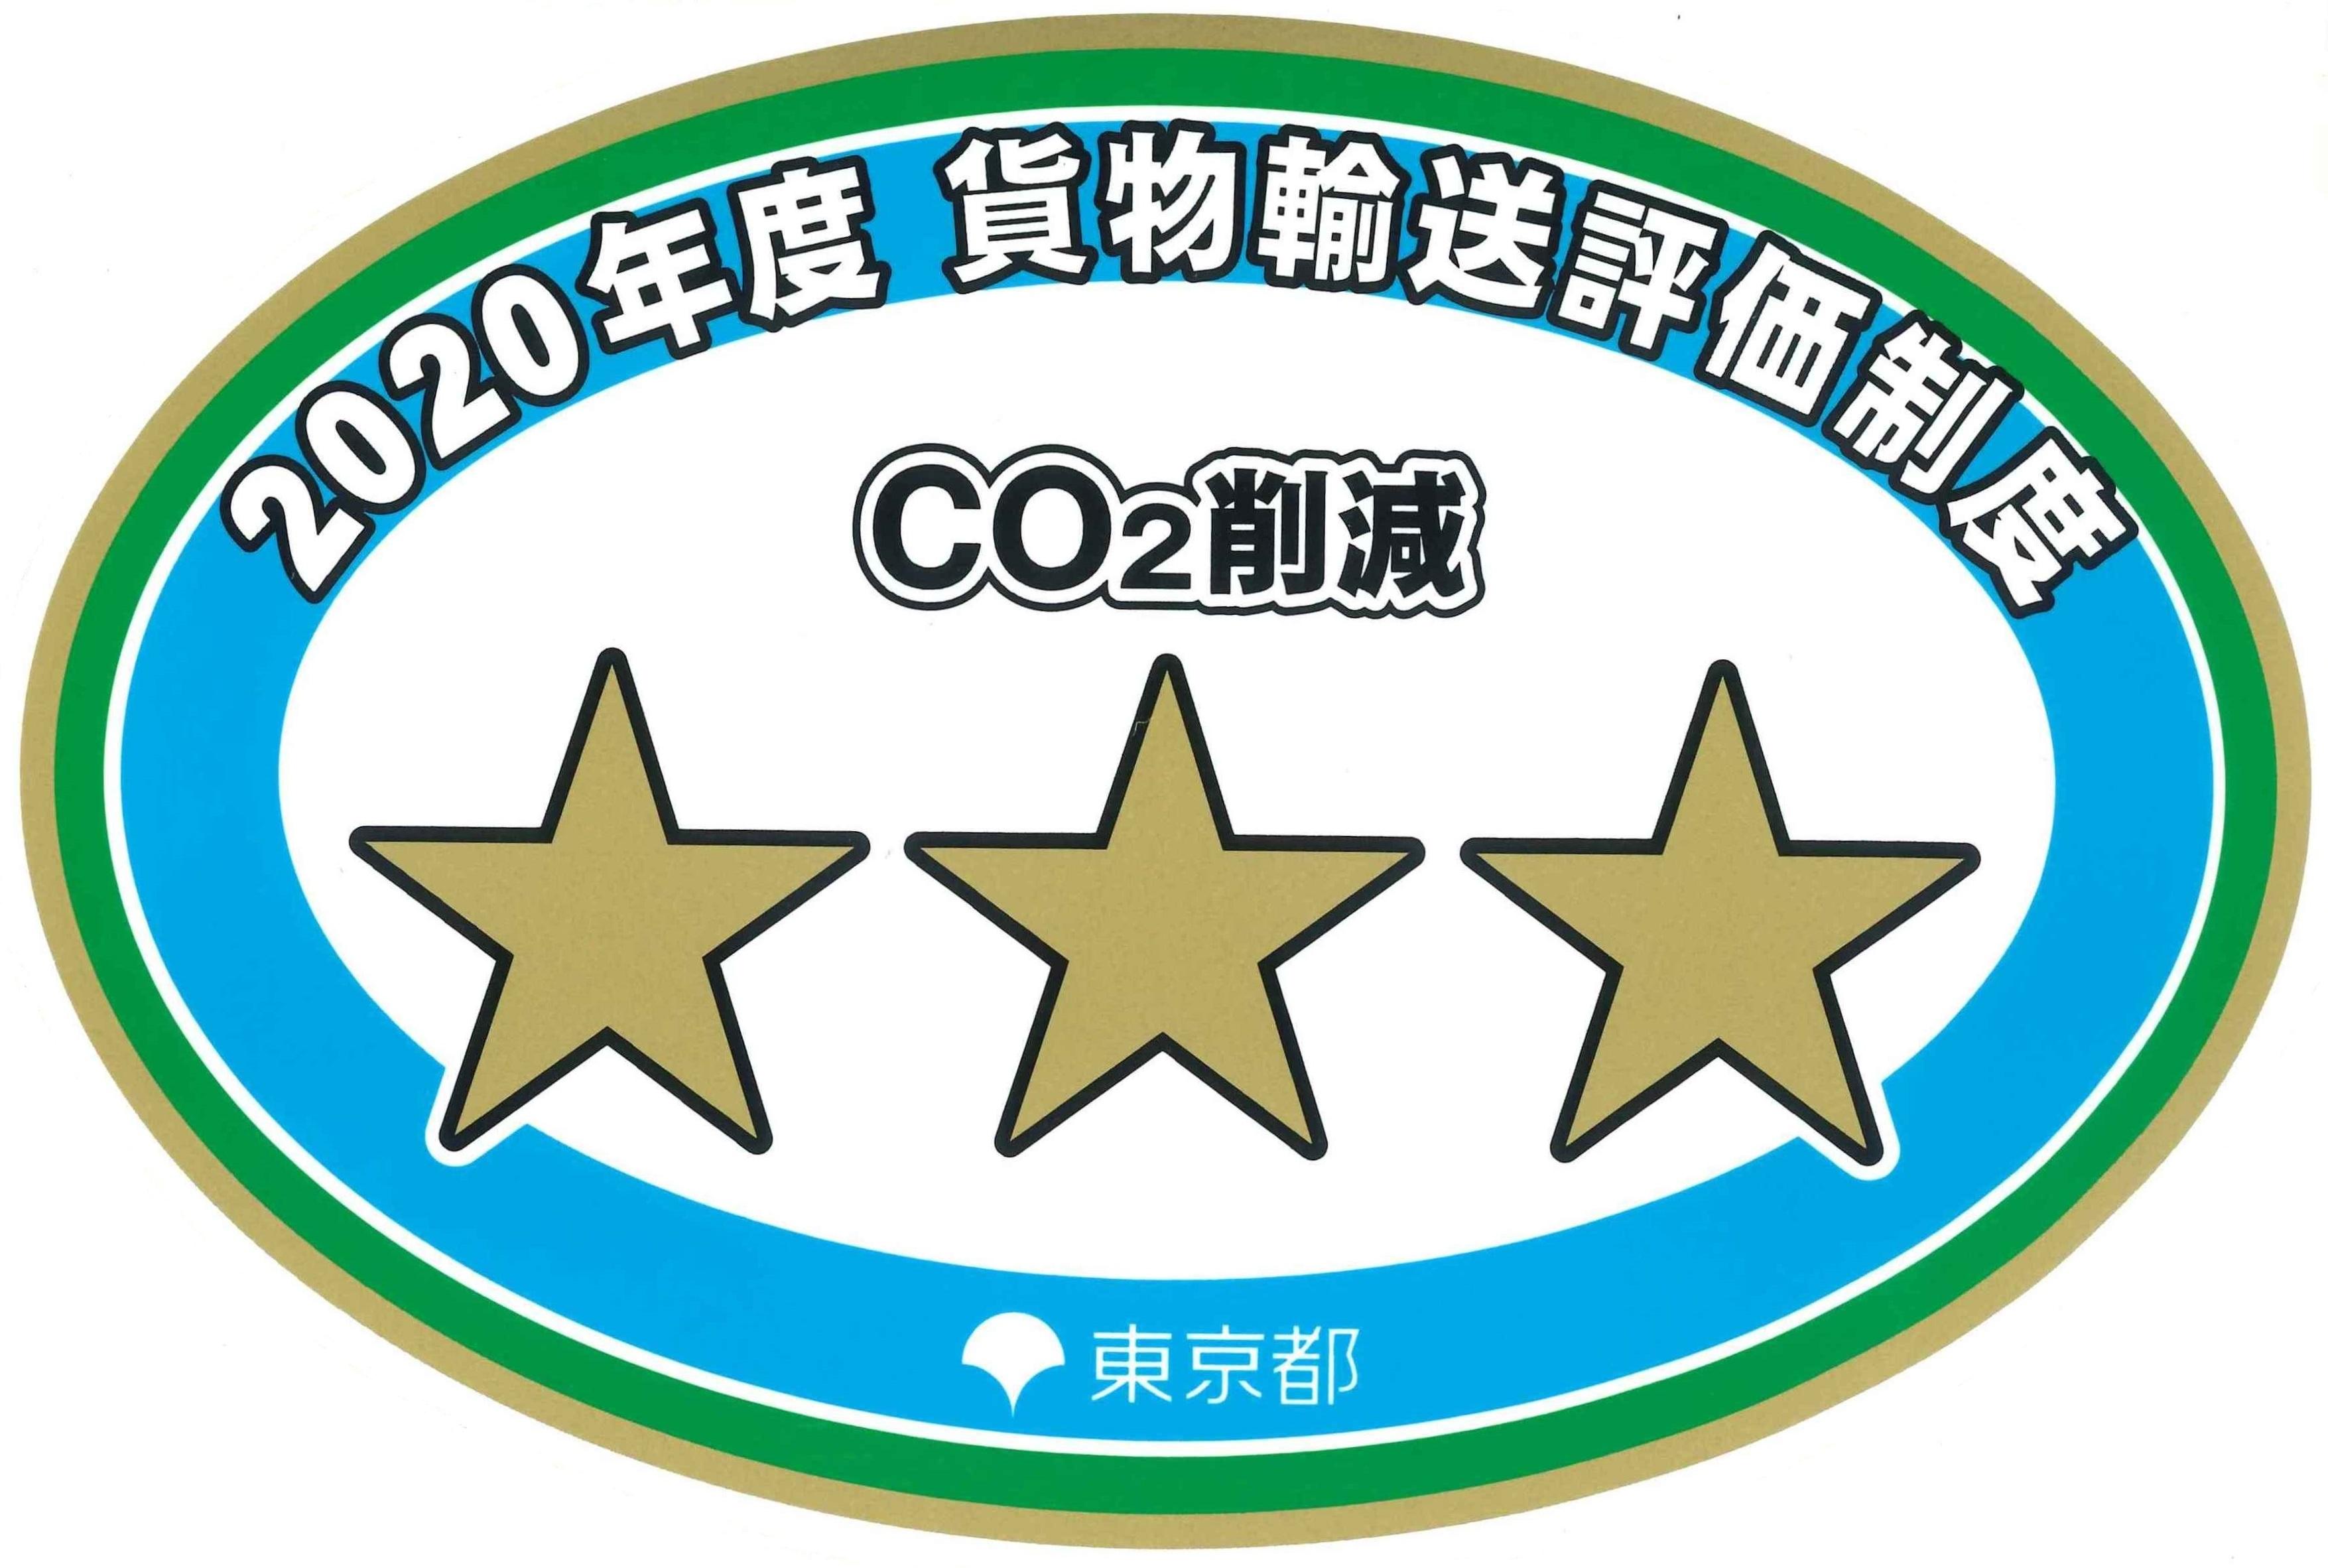 2020年度 貨物輸送評価制度 ★★★